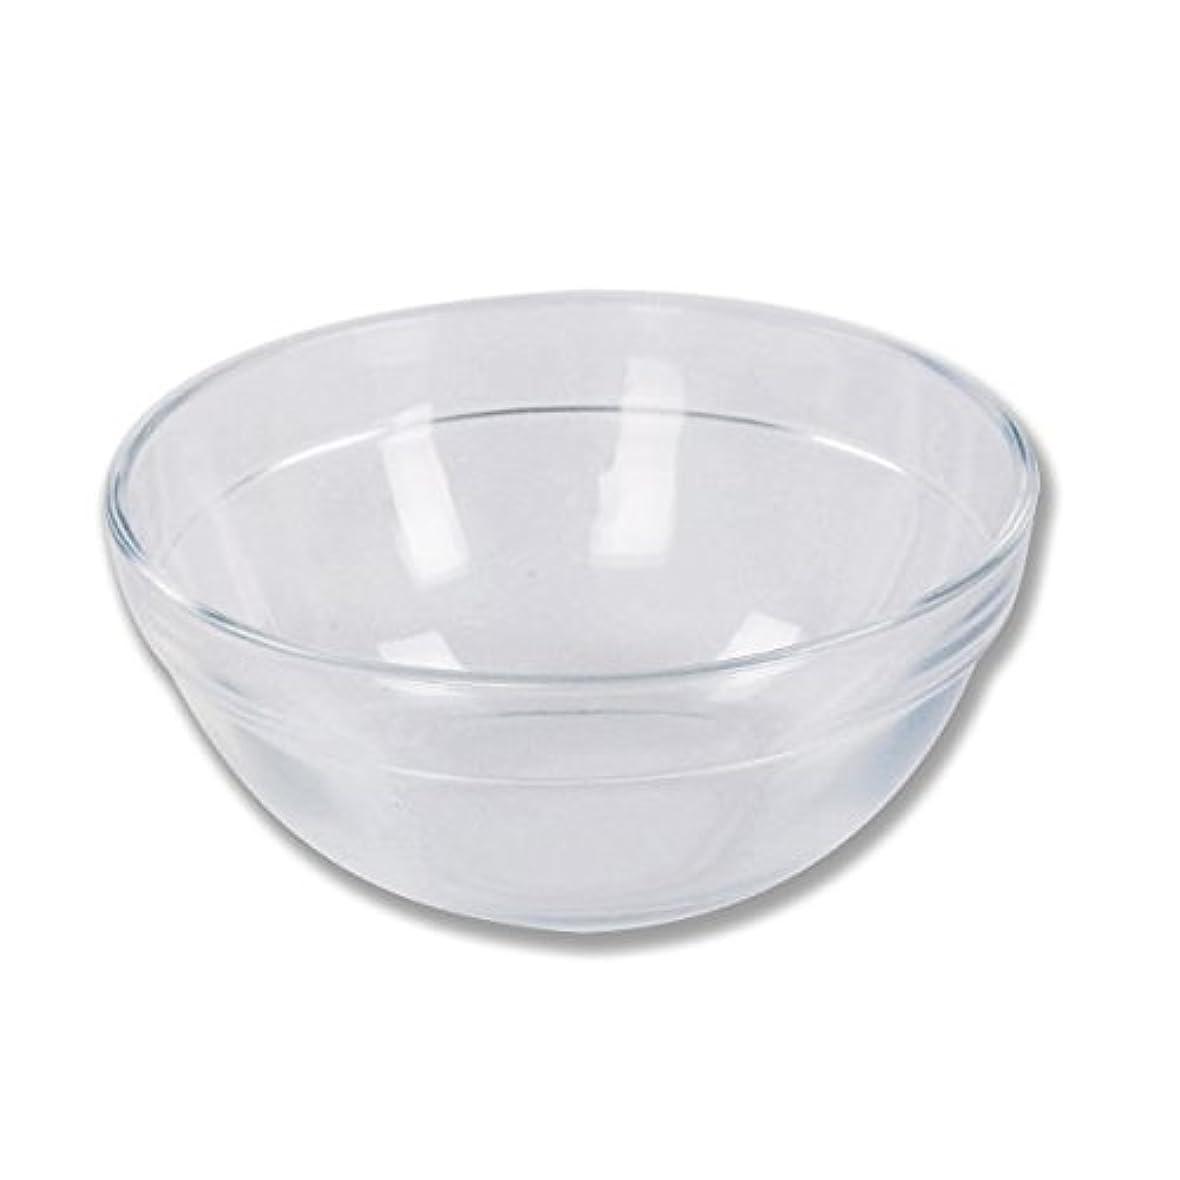 救出のために下ガラスボウル (XLサイズ) [ ガラスボール カップボウル カップボール エステ サロン ガラス ボウル カップ 高級感 ]